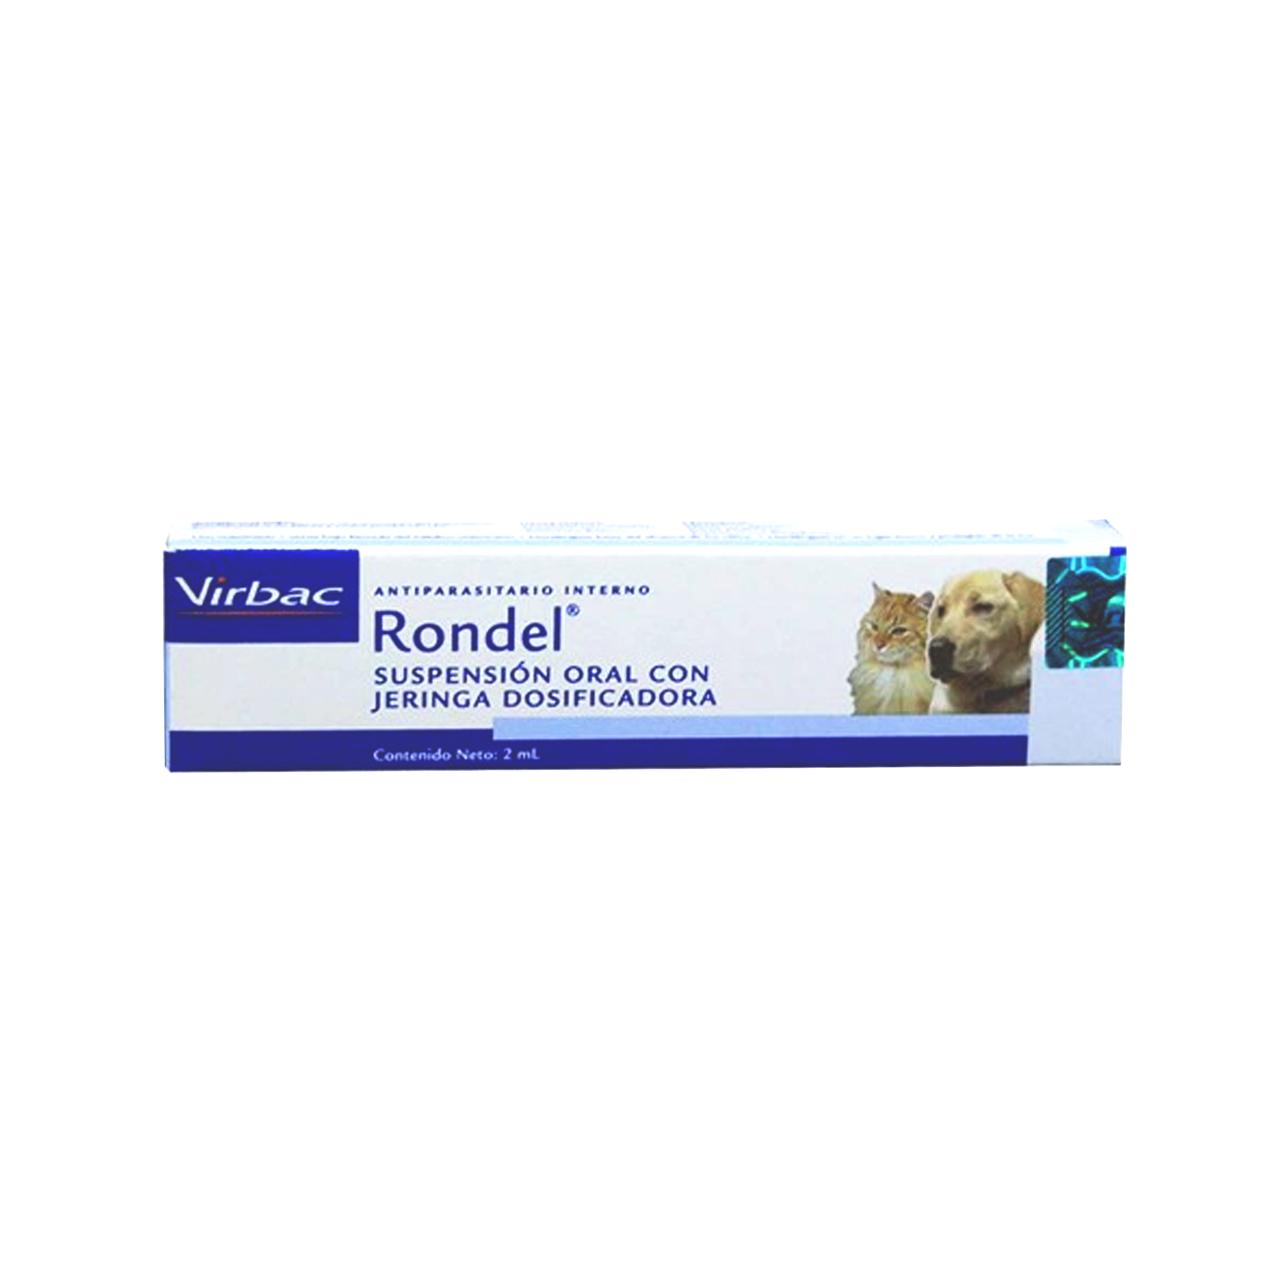 Rondel2.jpg